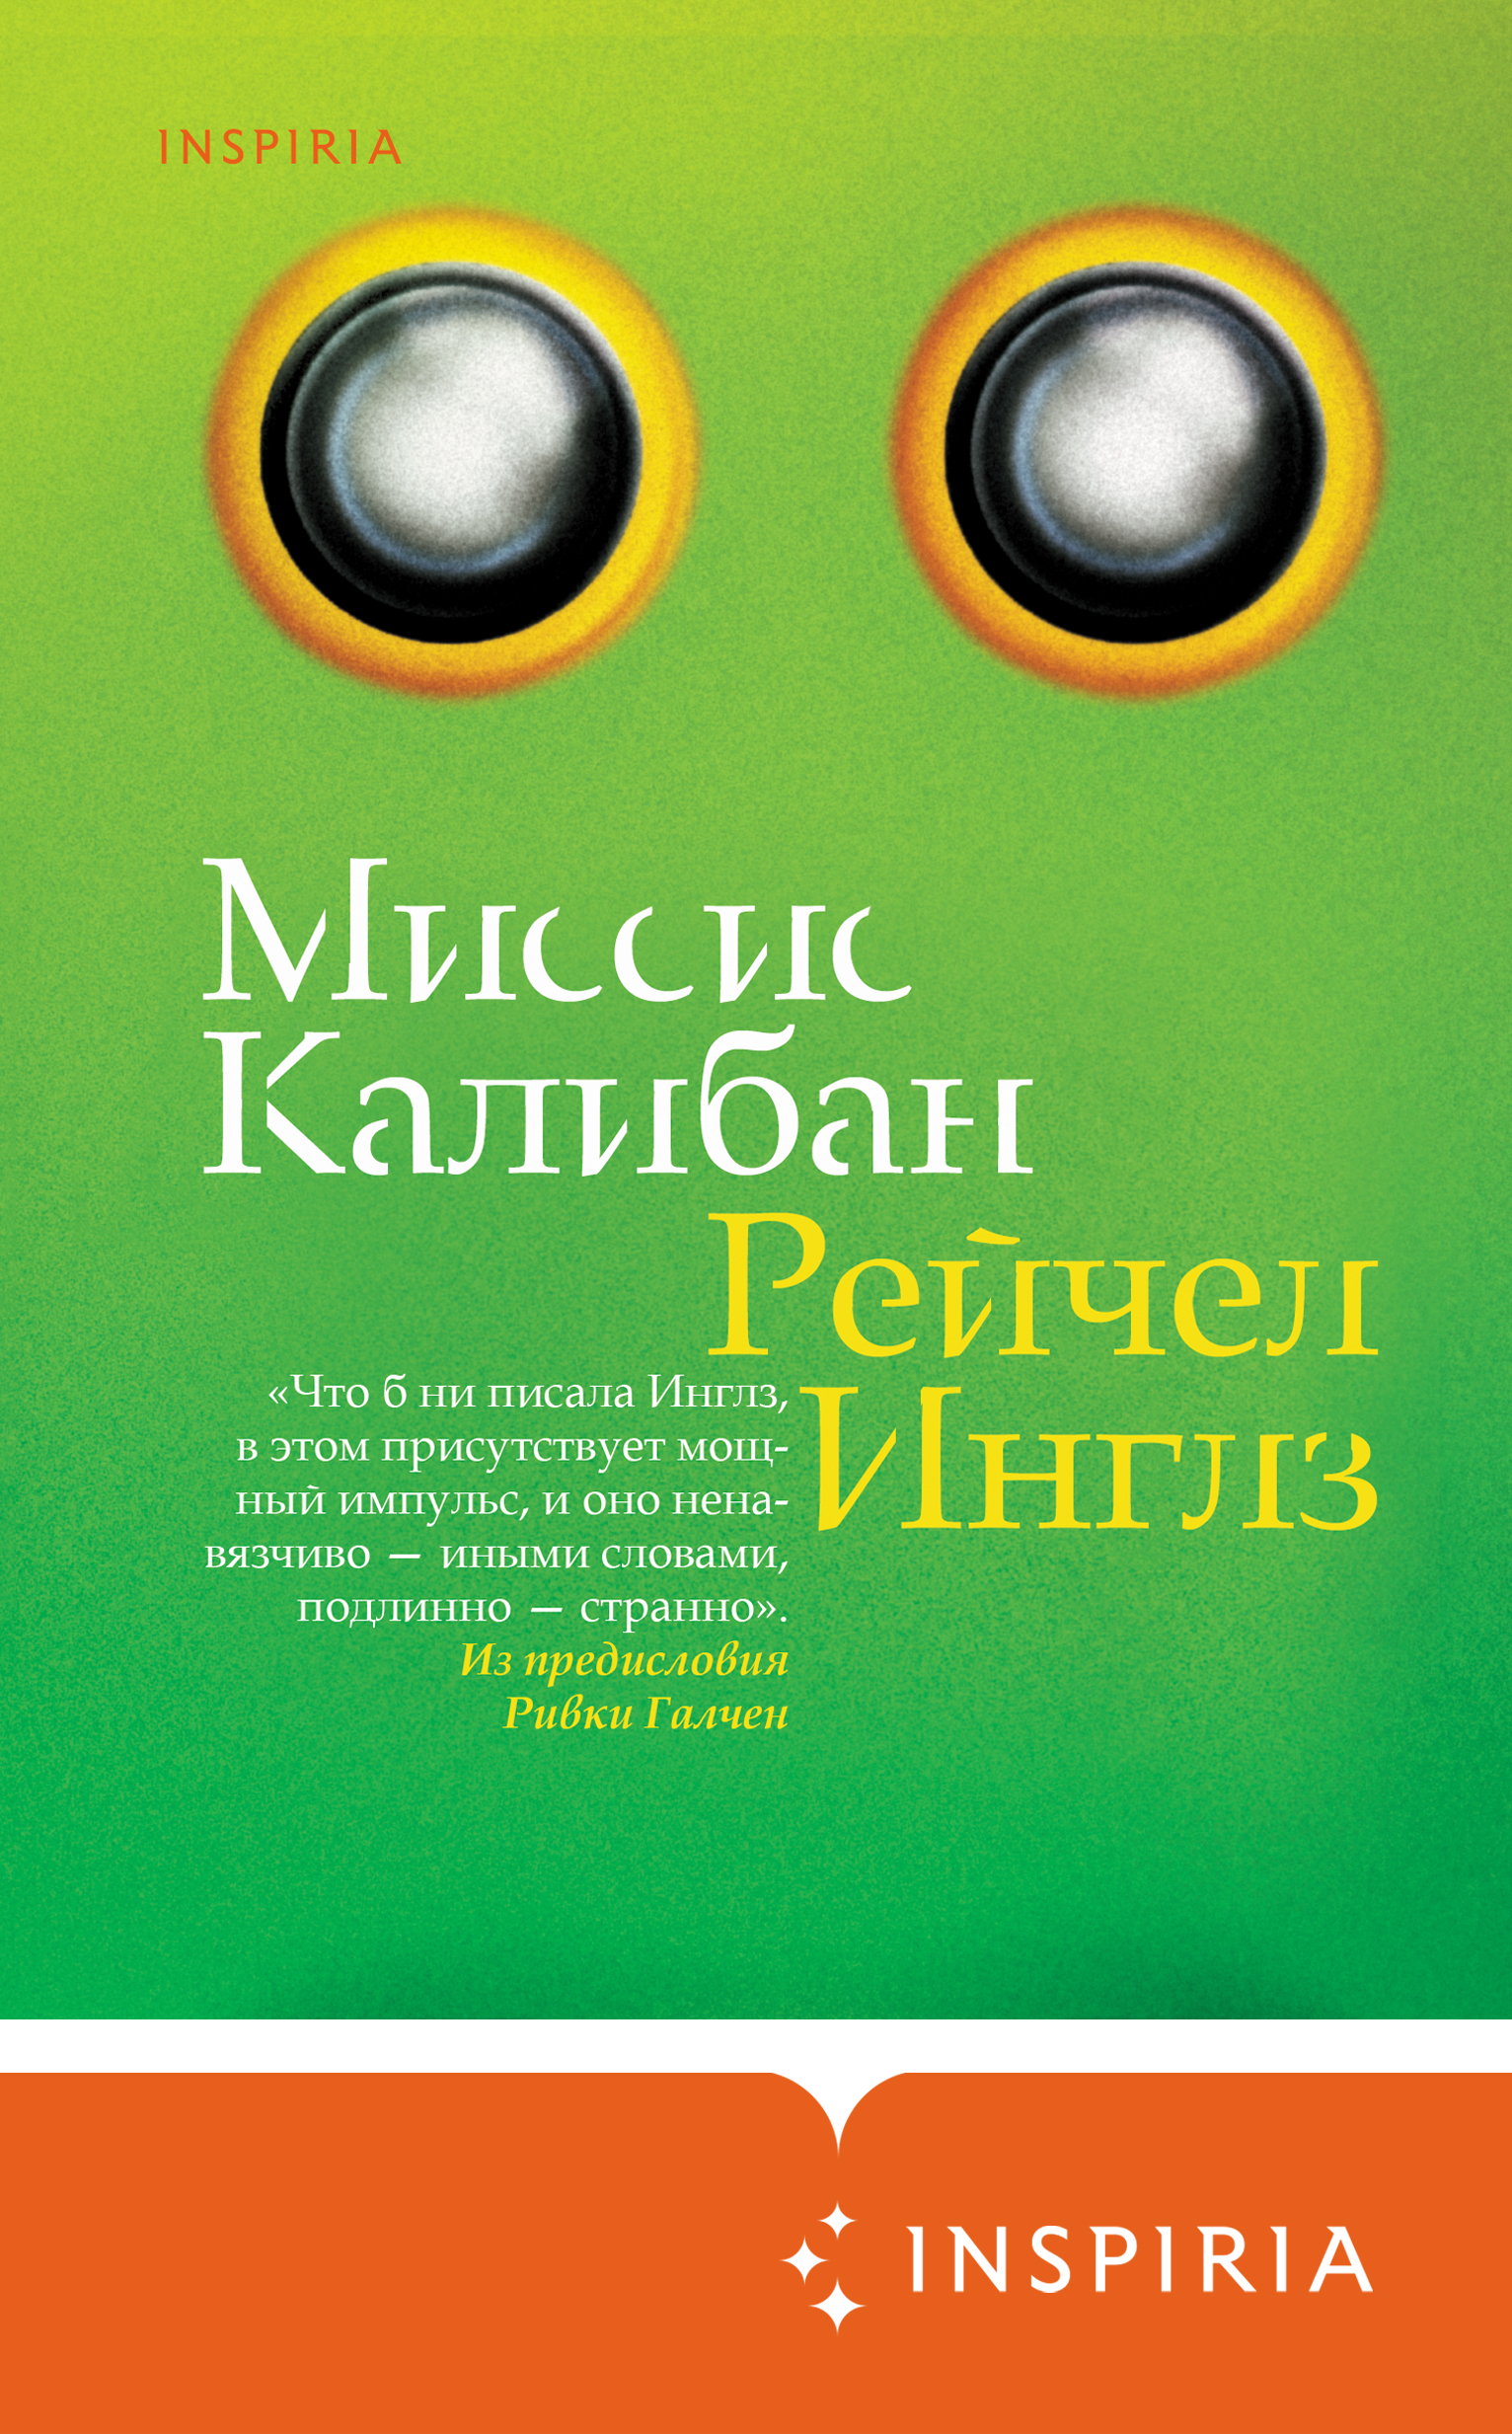 Купить книгу Миссис Калибан, автора Рейчел Инглз